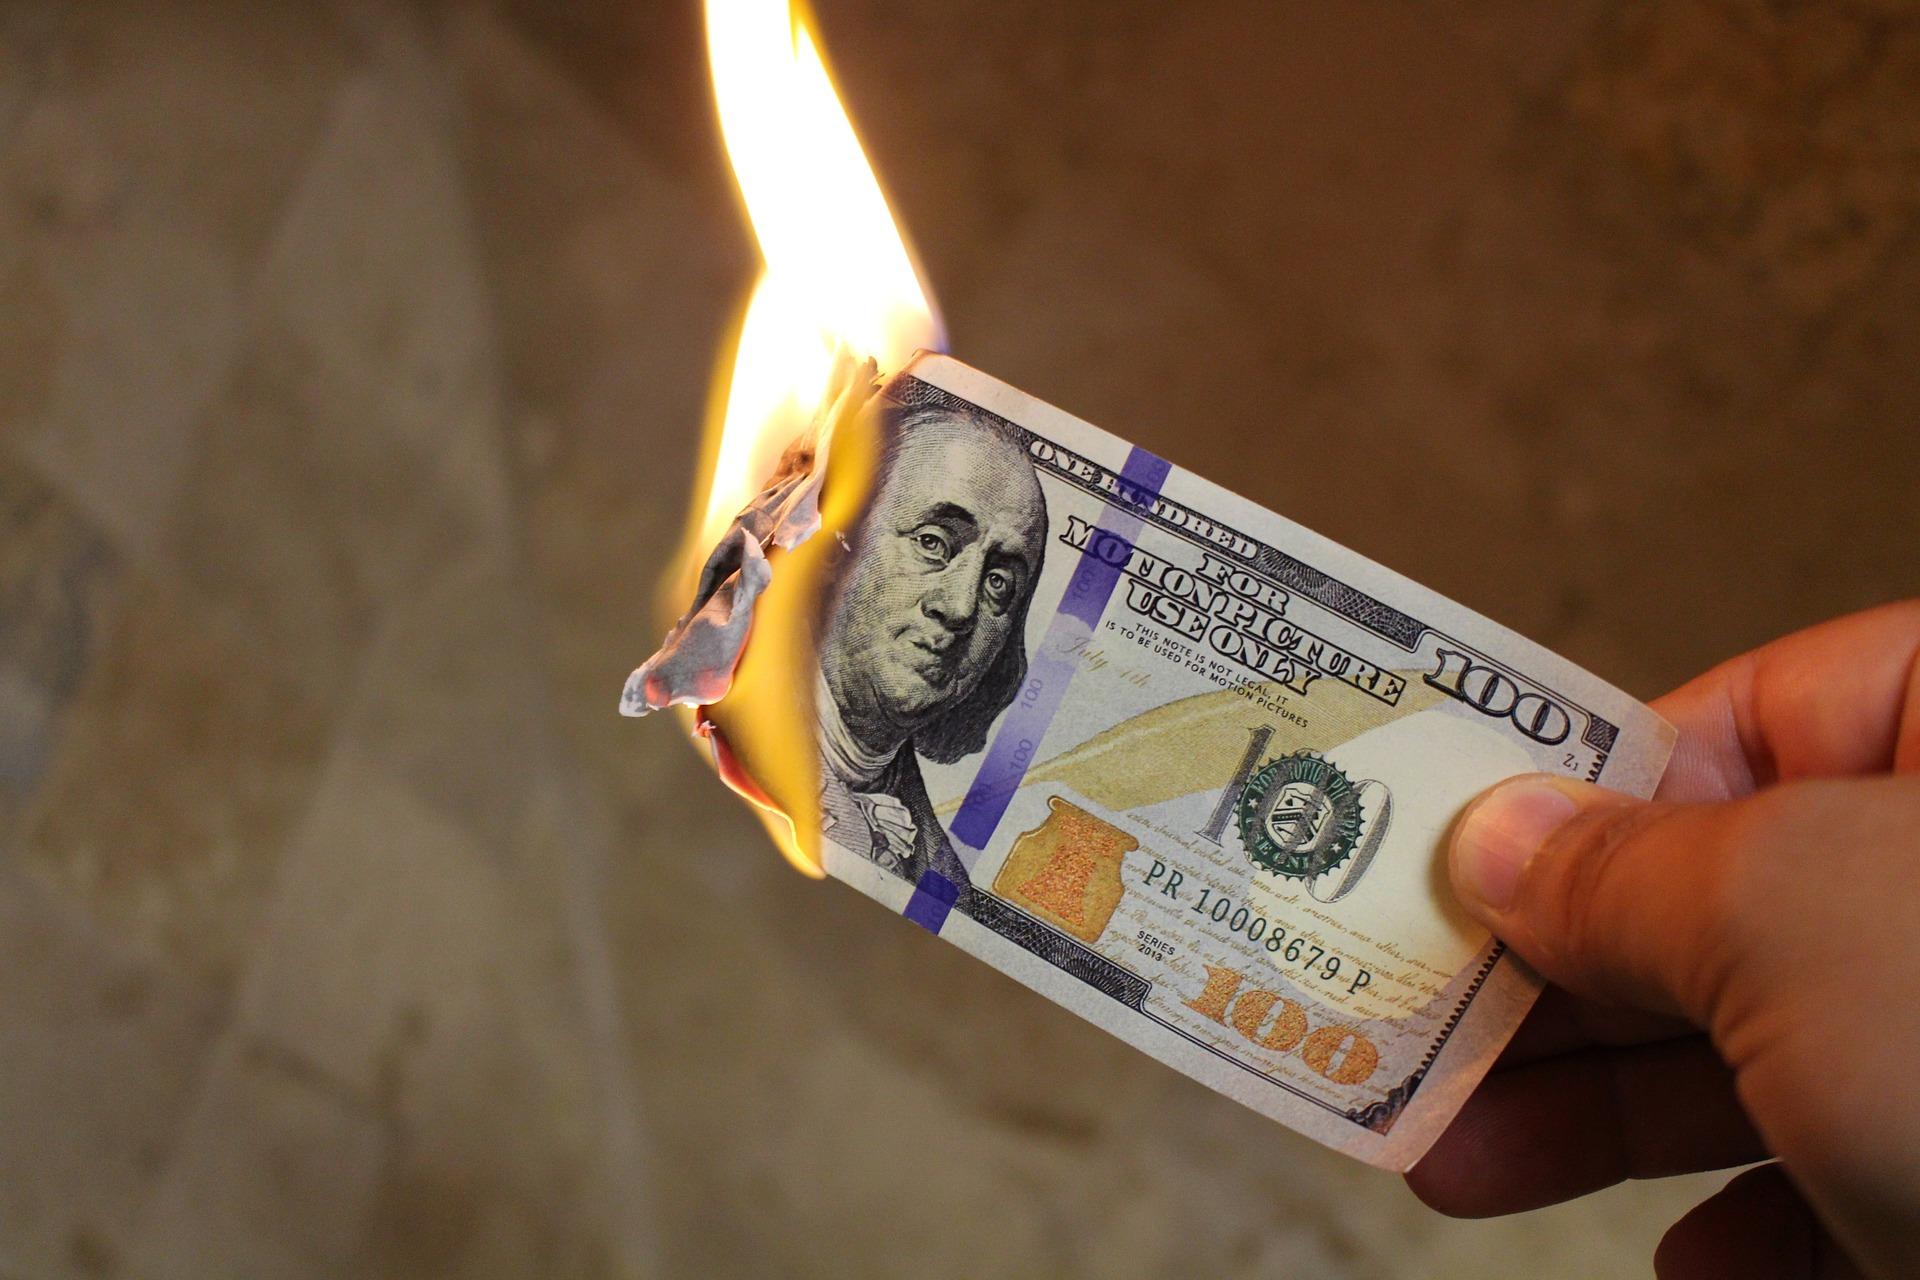 10 สัญญาณที่แสดงว่าเว็บไซต์ของคุณคือต้นทุนเงินของคุณหรือธุรกิจใหม่ (Thai)